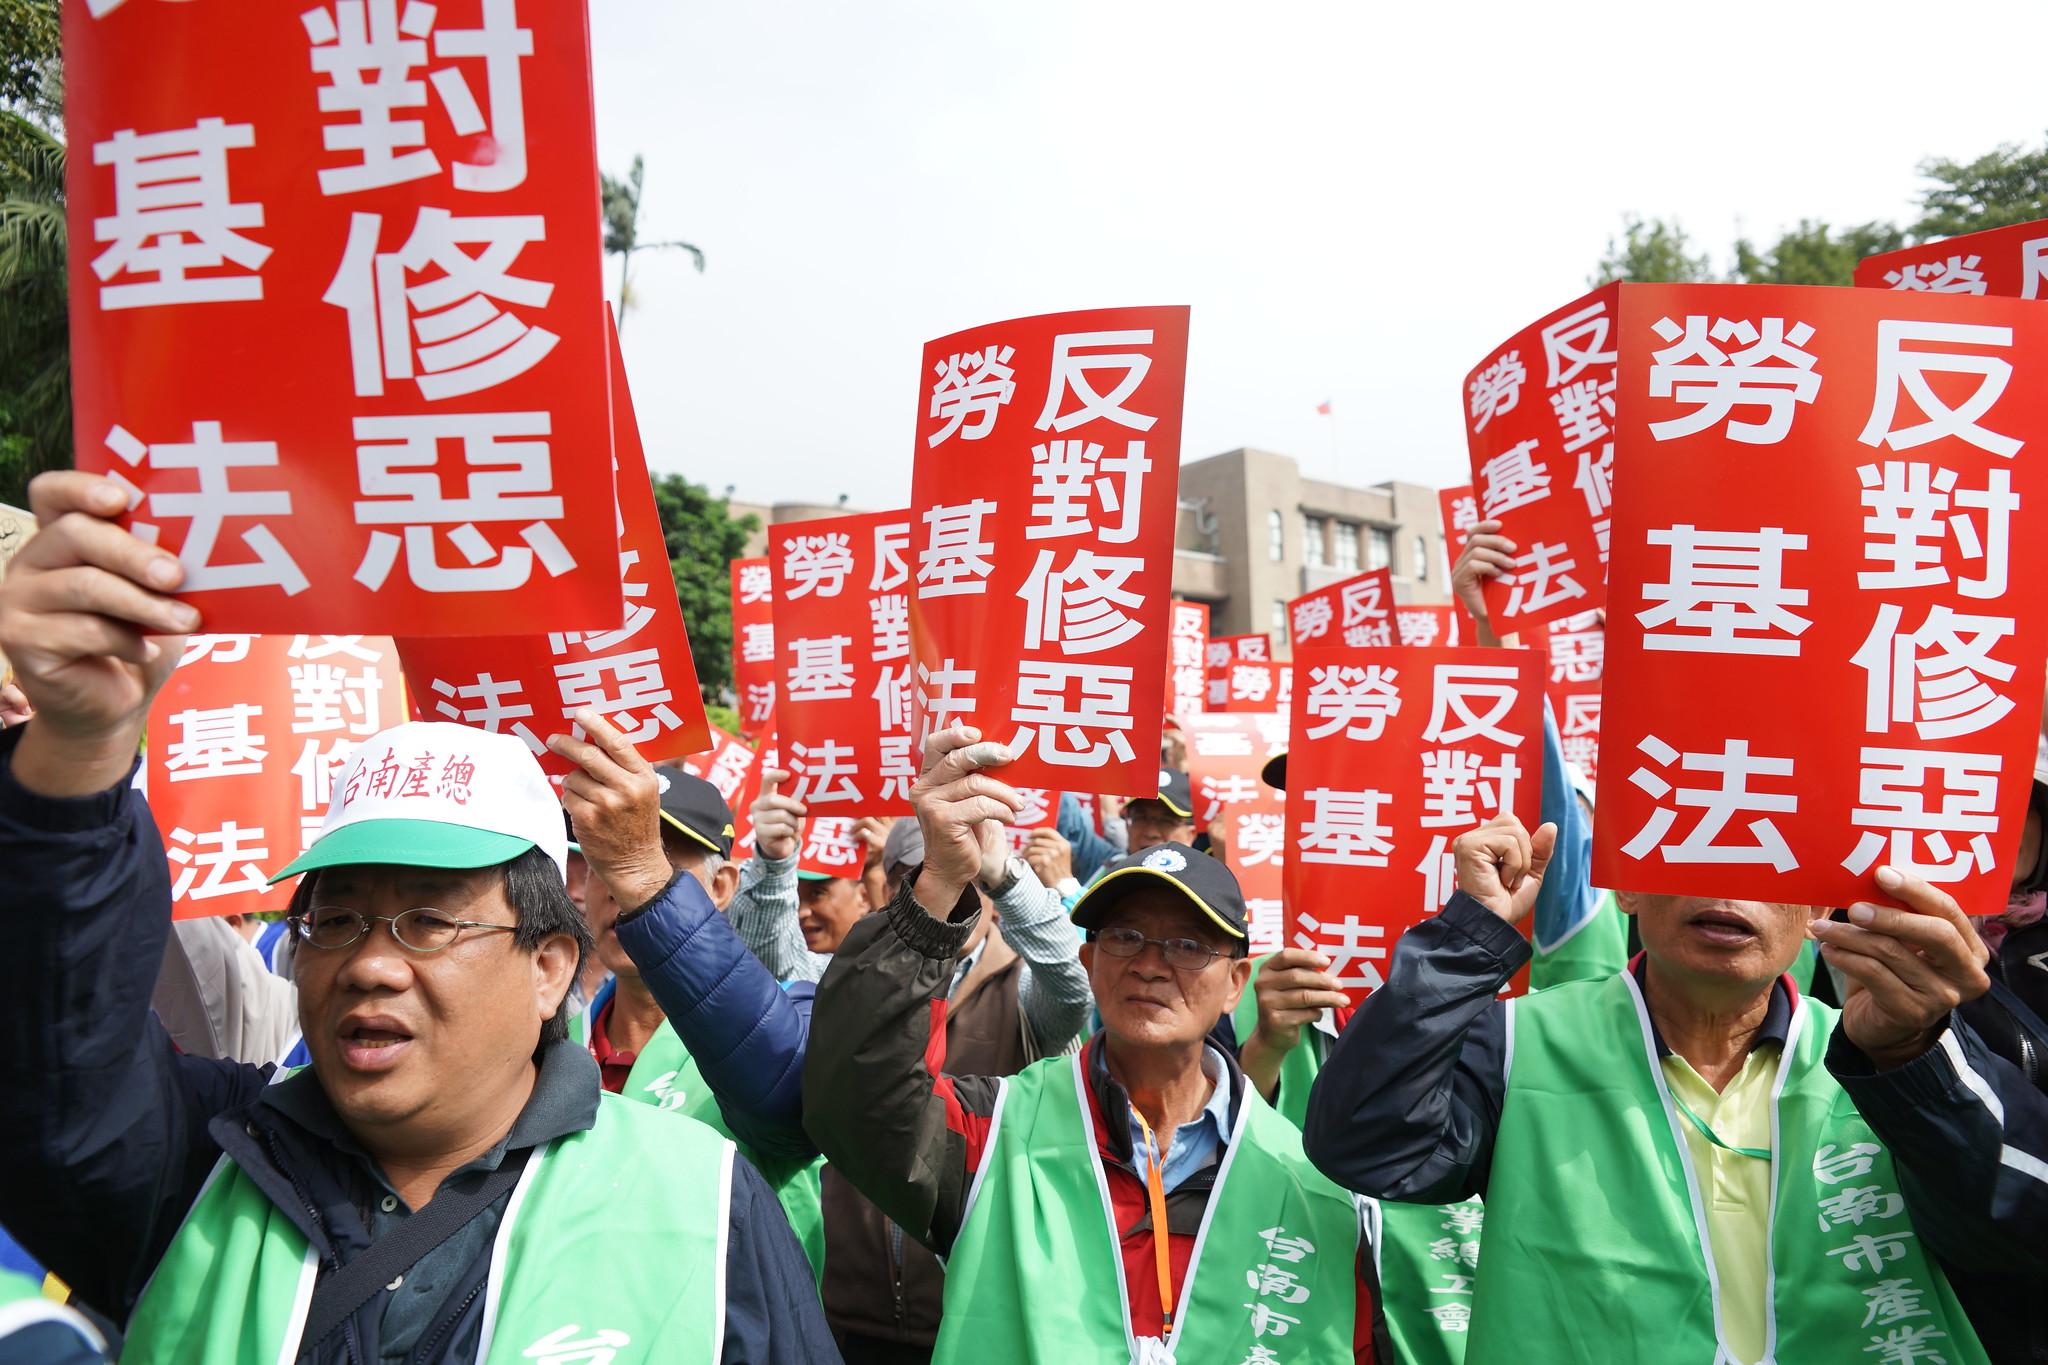 賴清德聲稱此次修法是根據「台南經驗」,南市產總今天大動員北上打臉賴清德。(攝影:王顥中)